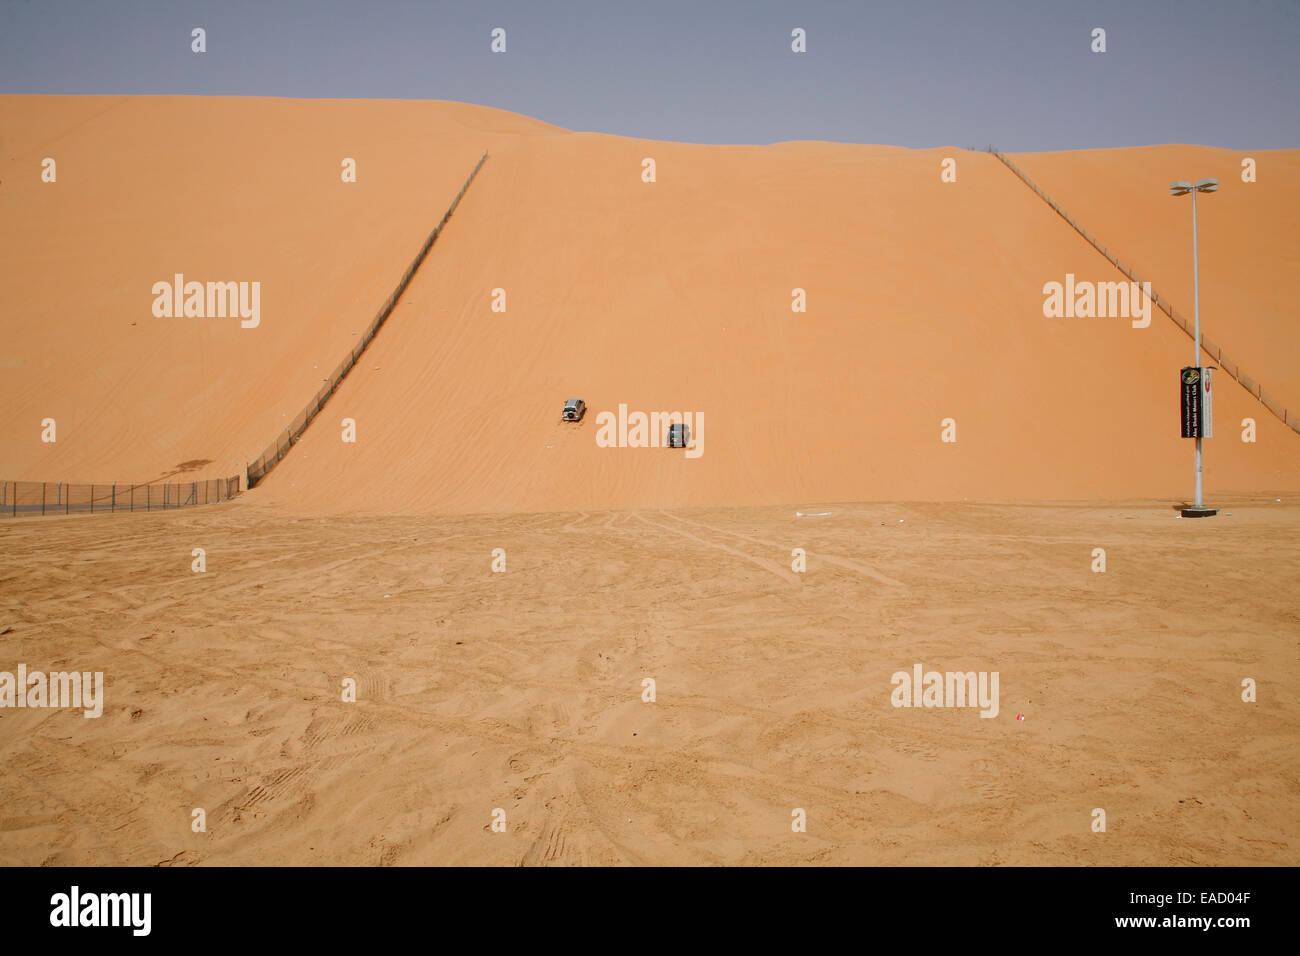 Motorsport im Devils Dune, Abu Dhabi, Emirat Abu Dhabi, Vereinigte Arabische Emirate Stockbild